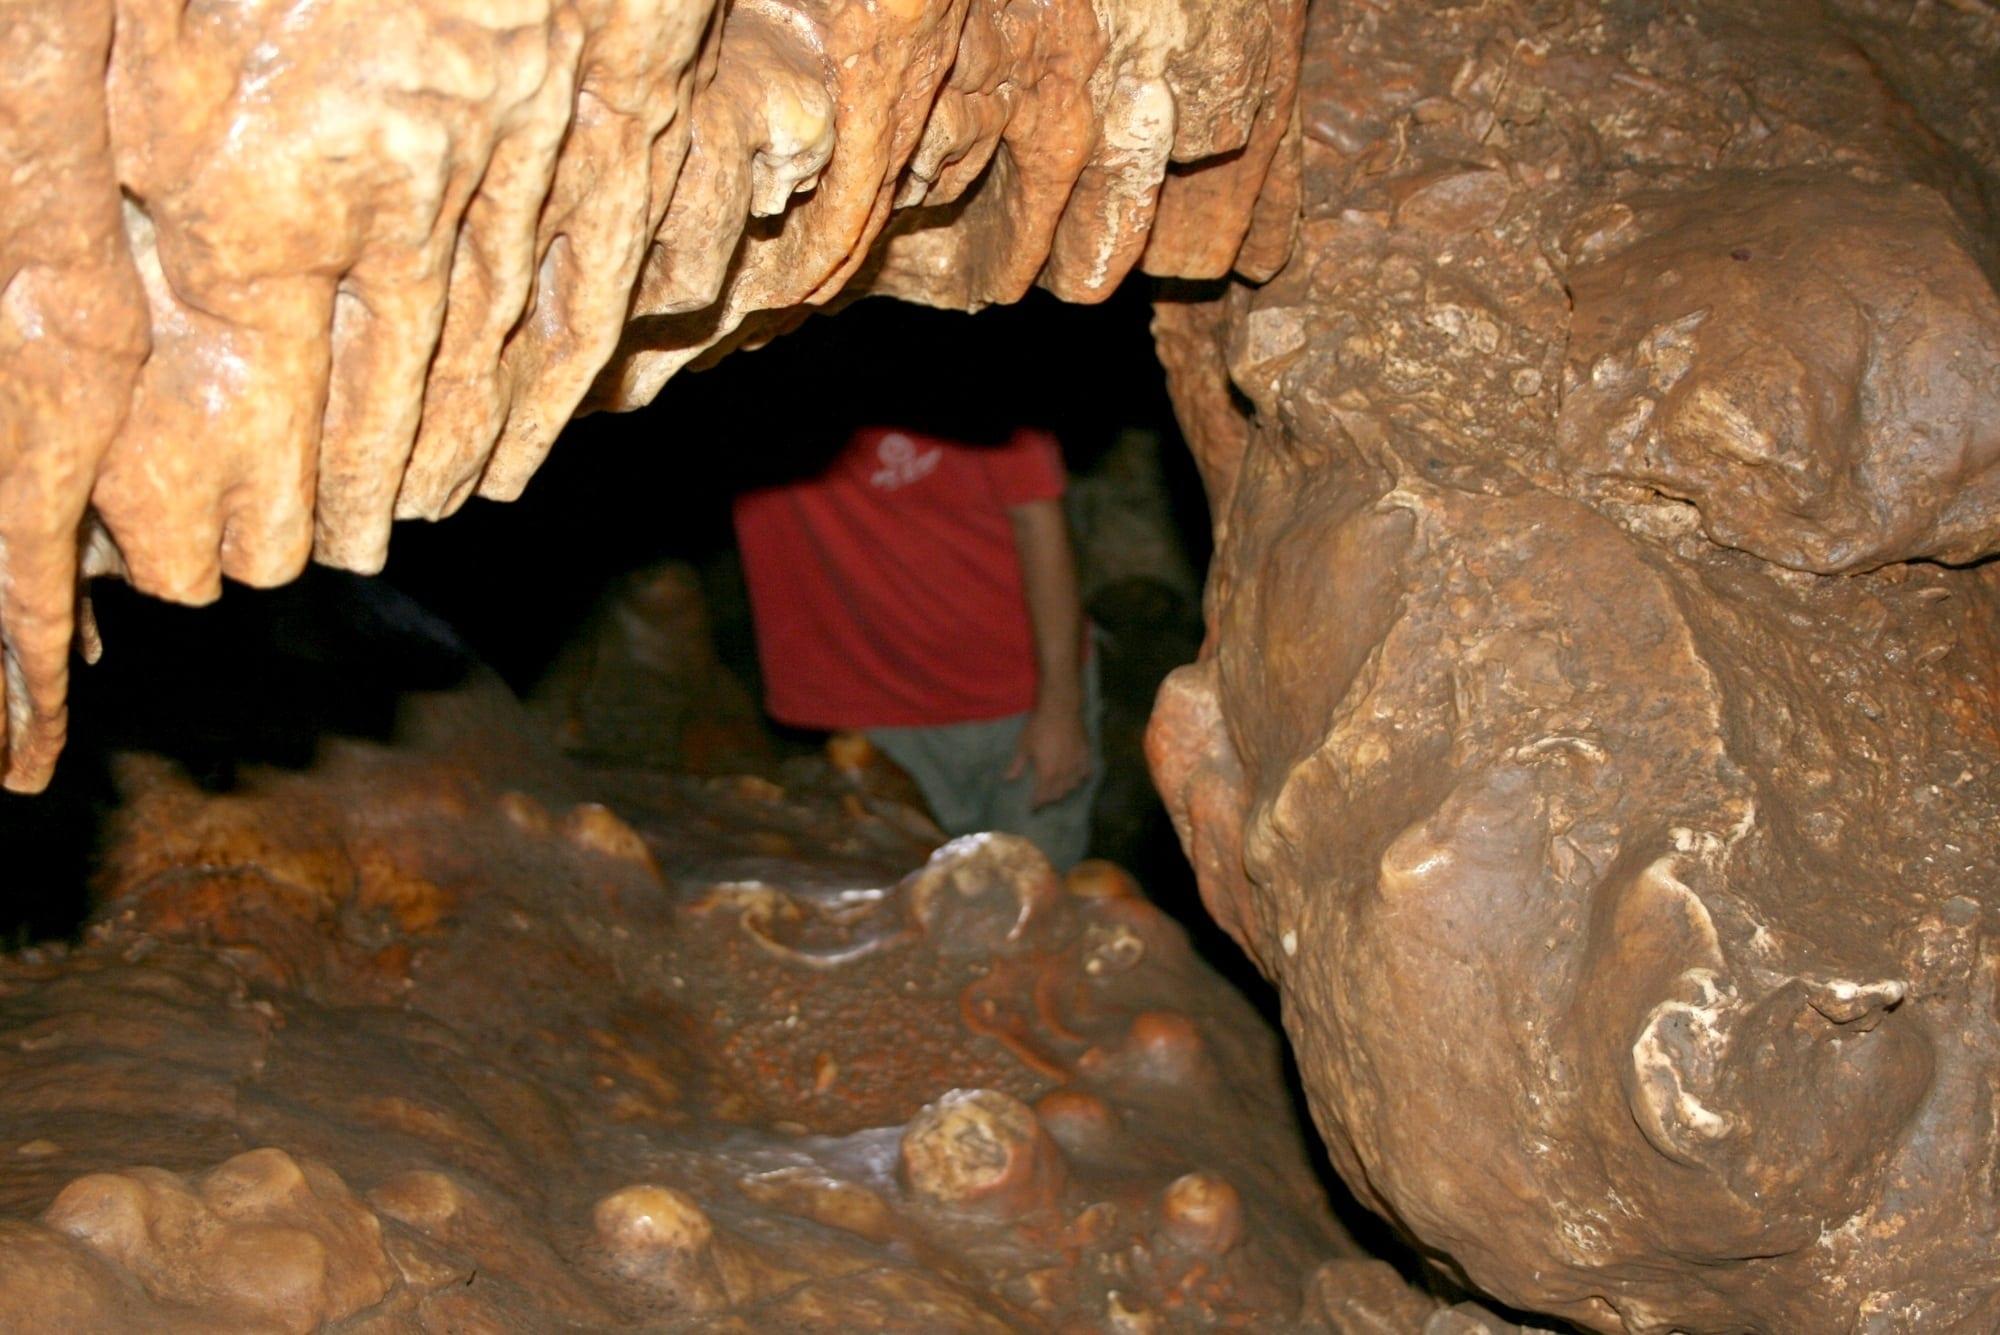 טיולי מערות עם ערוצים בטבע - מערת עלמה